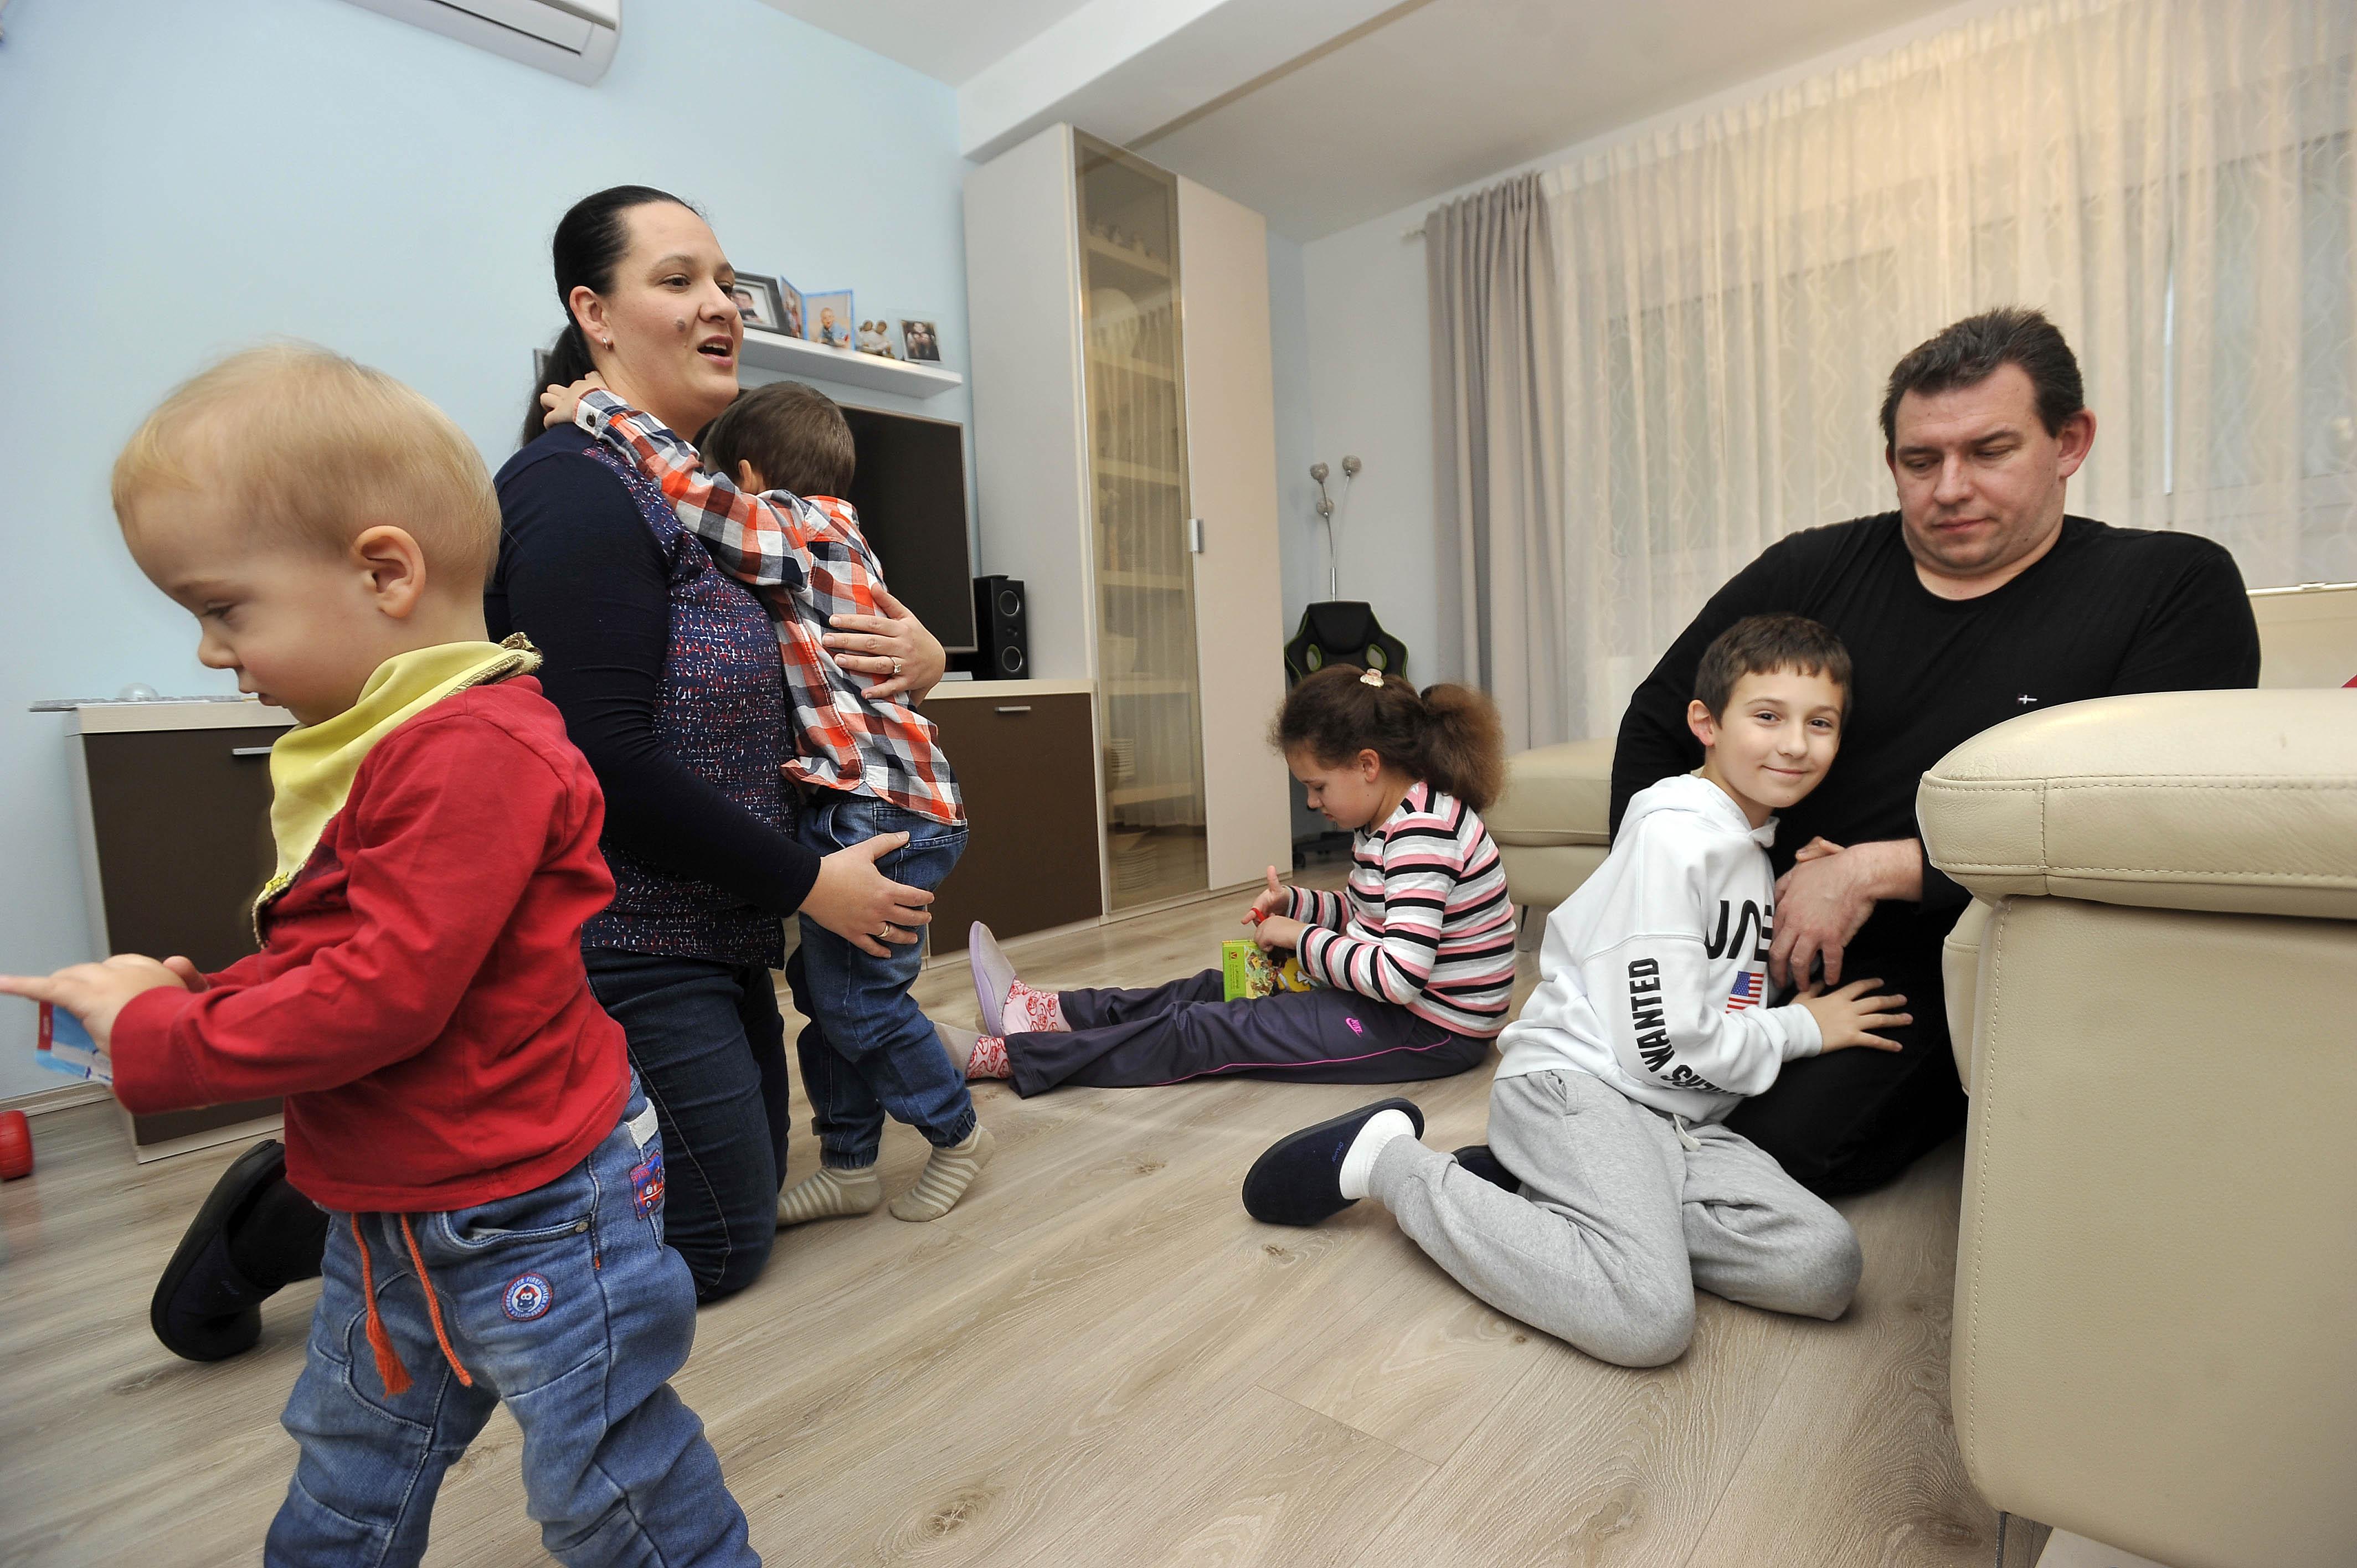 Najvažnije je zajedništvo – obitelj Bunčić na okupu / Foto Davor KOVAČEVIĆ